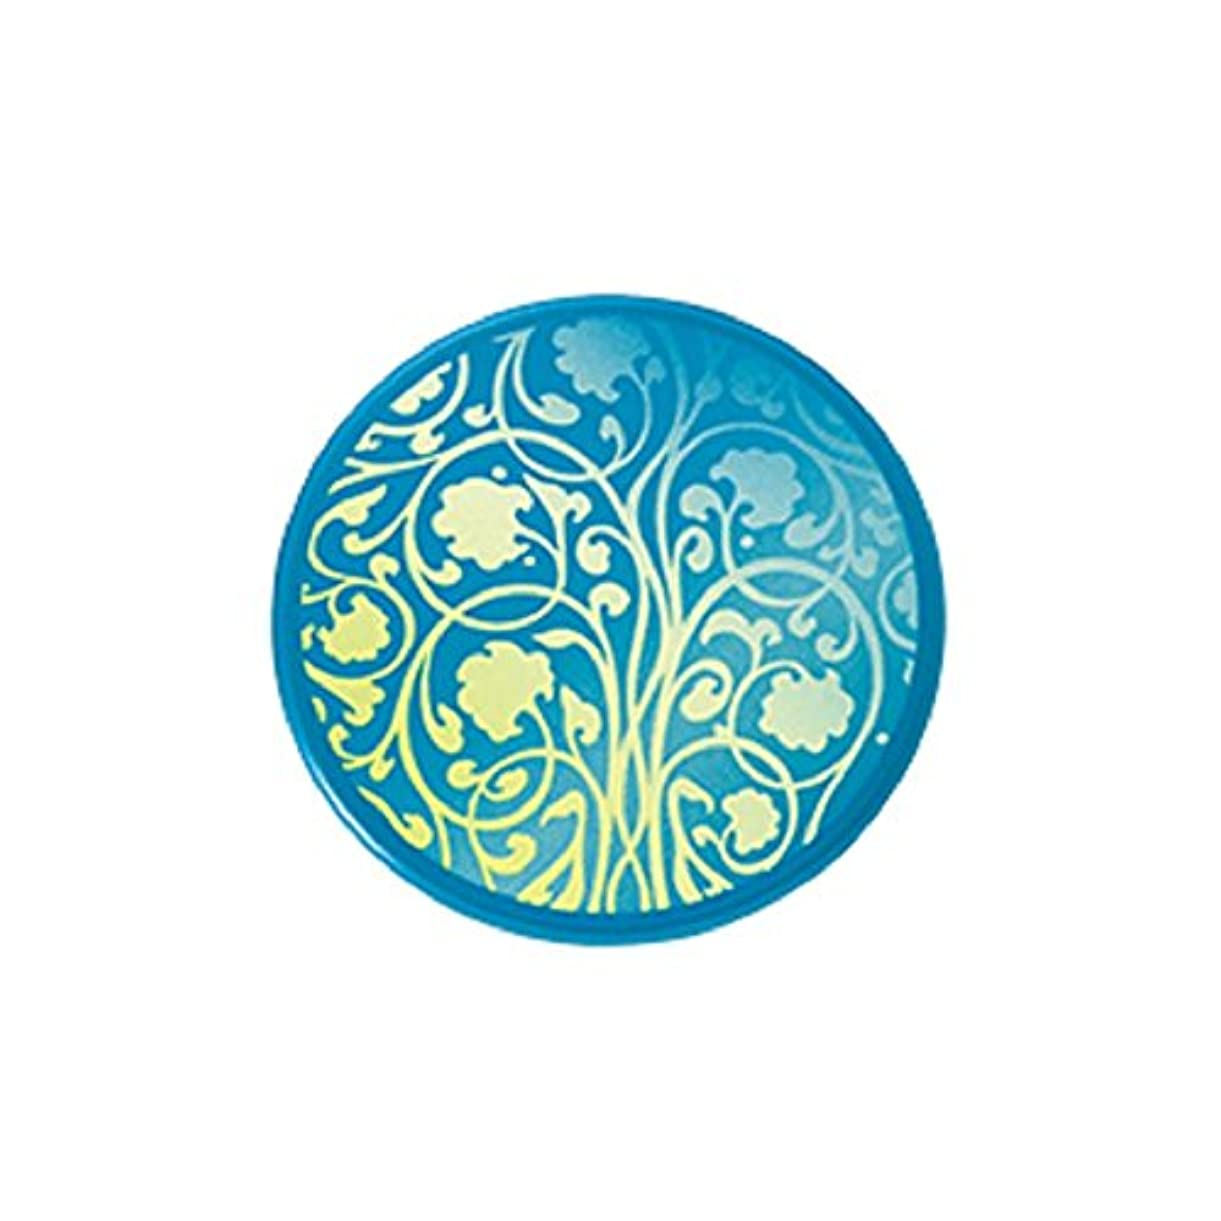 復活同志つまらないアユーラ (AYURA) ウェルフィット アロマバーム 14g 〈ソリッドパヒューム〉 心地よい森林の香気